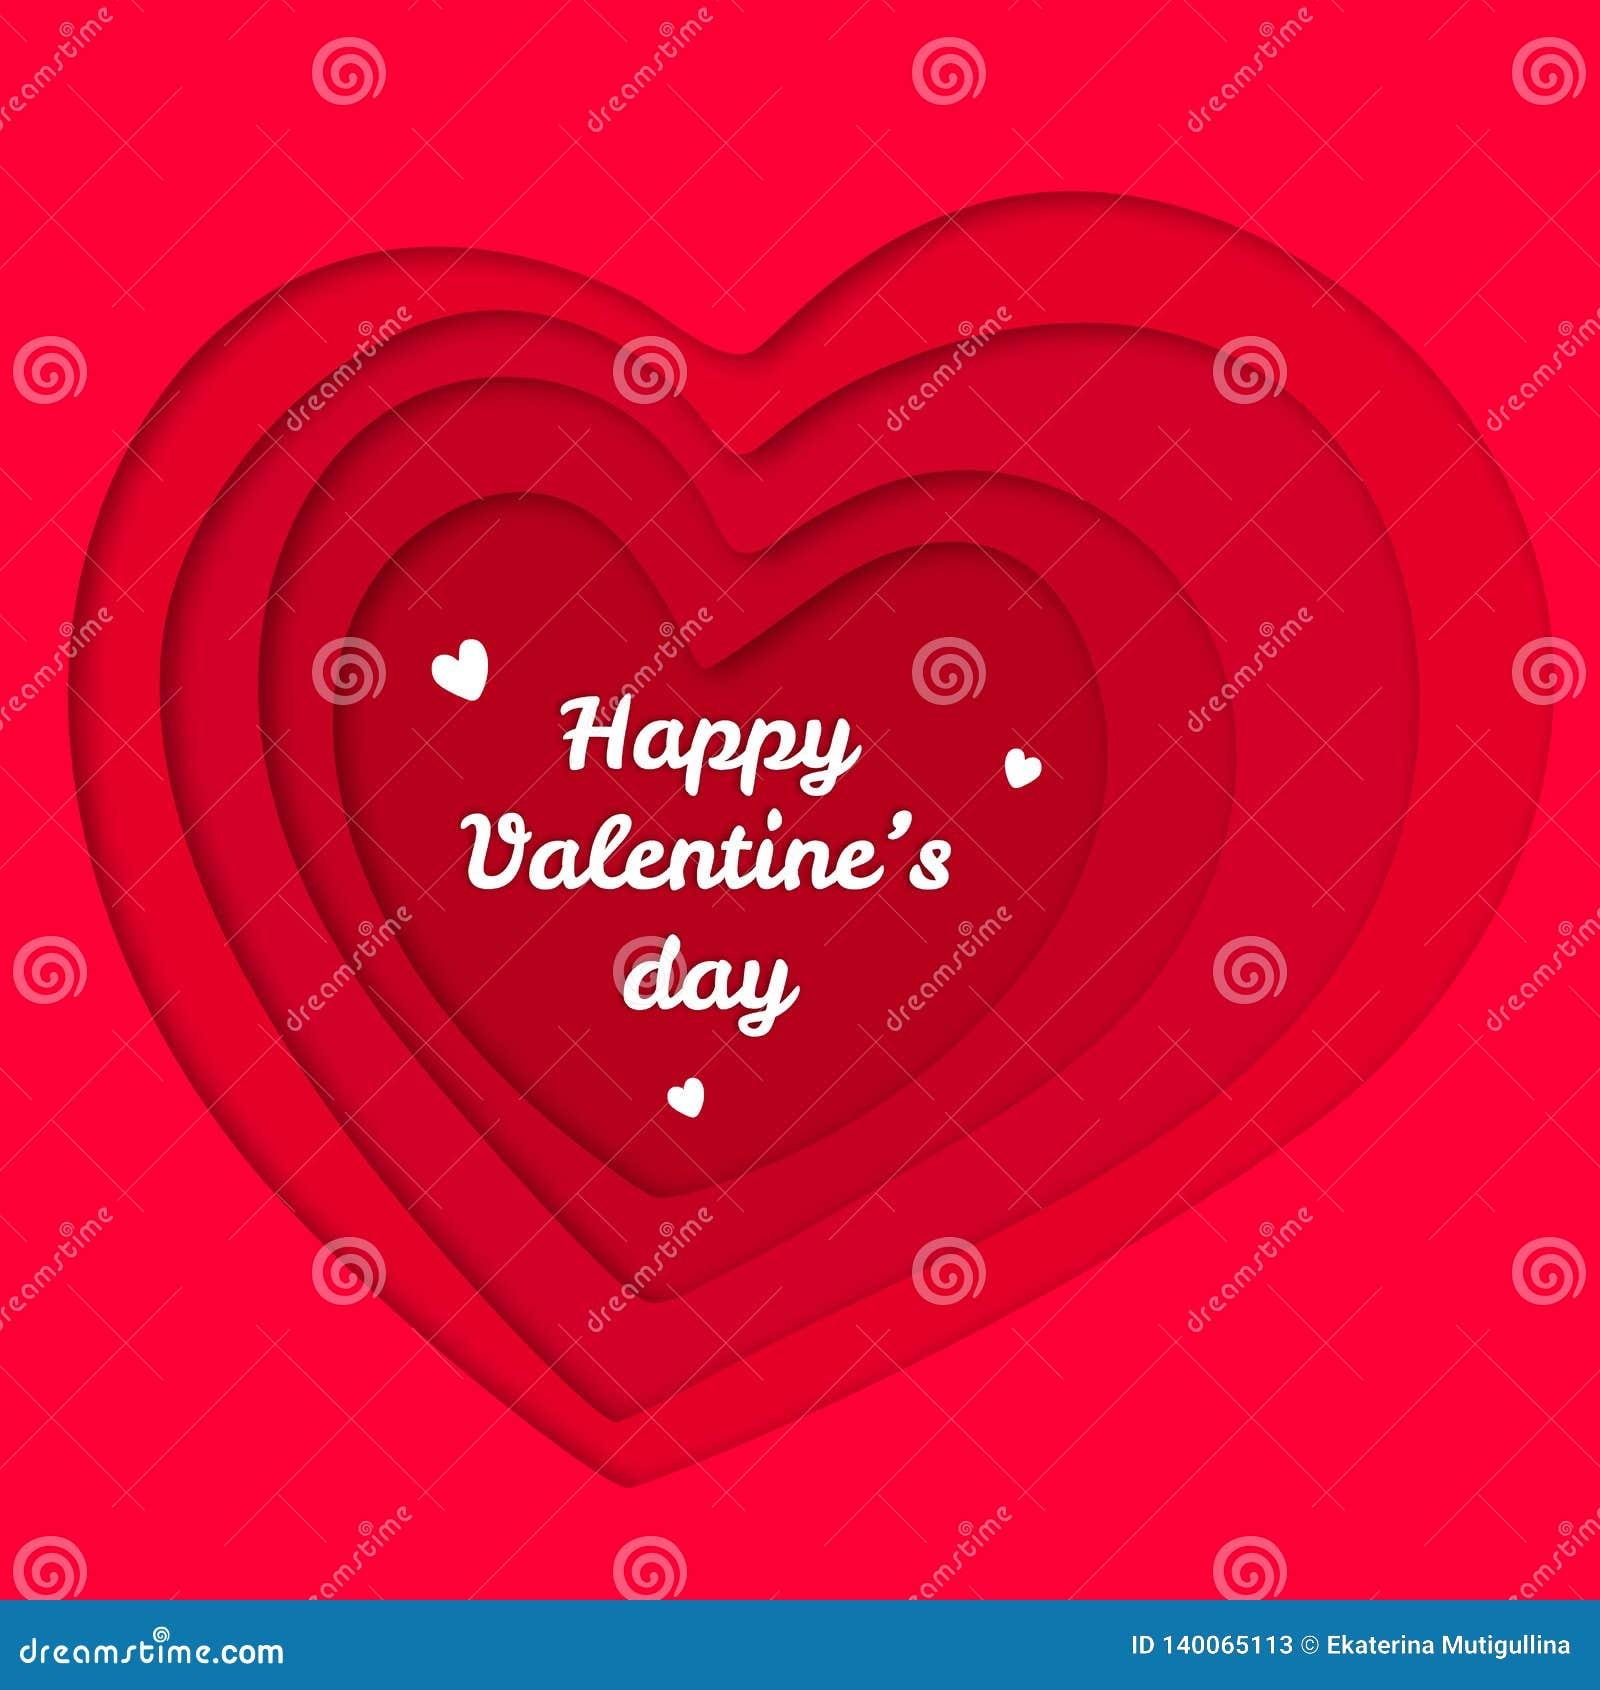 Ilustração vermelha do corte do papel dos corações do dia de Valentim